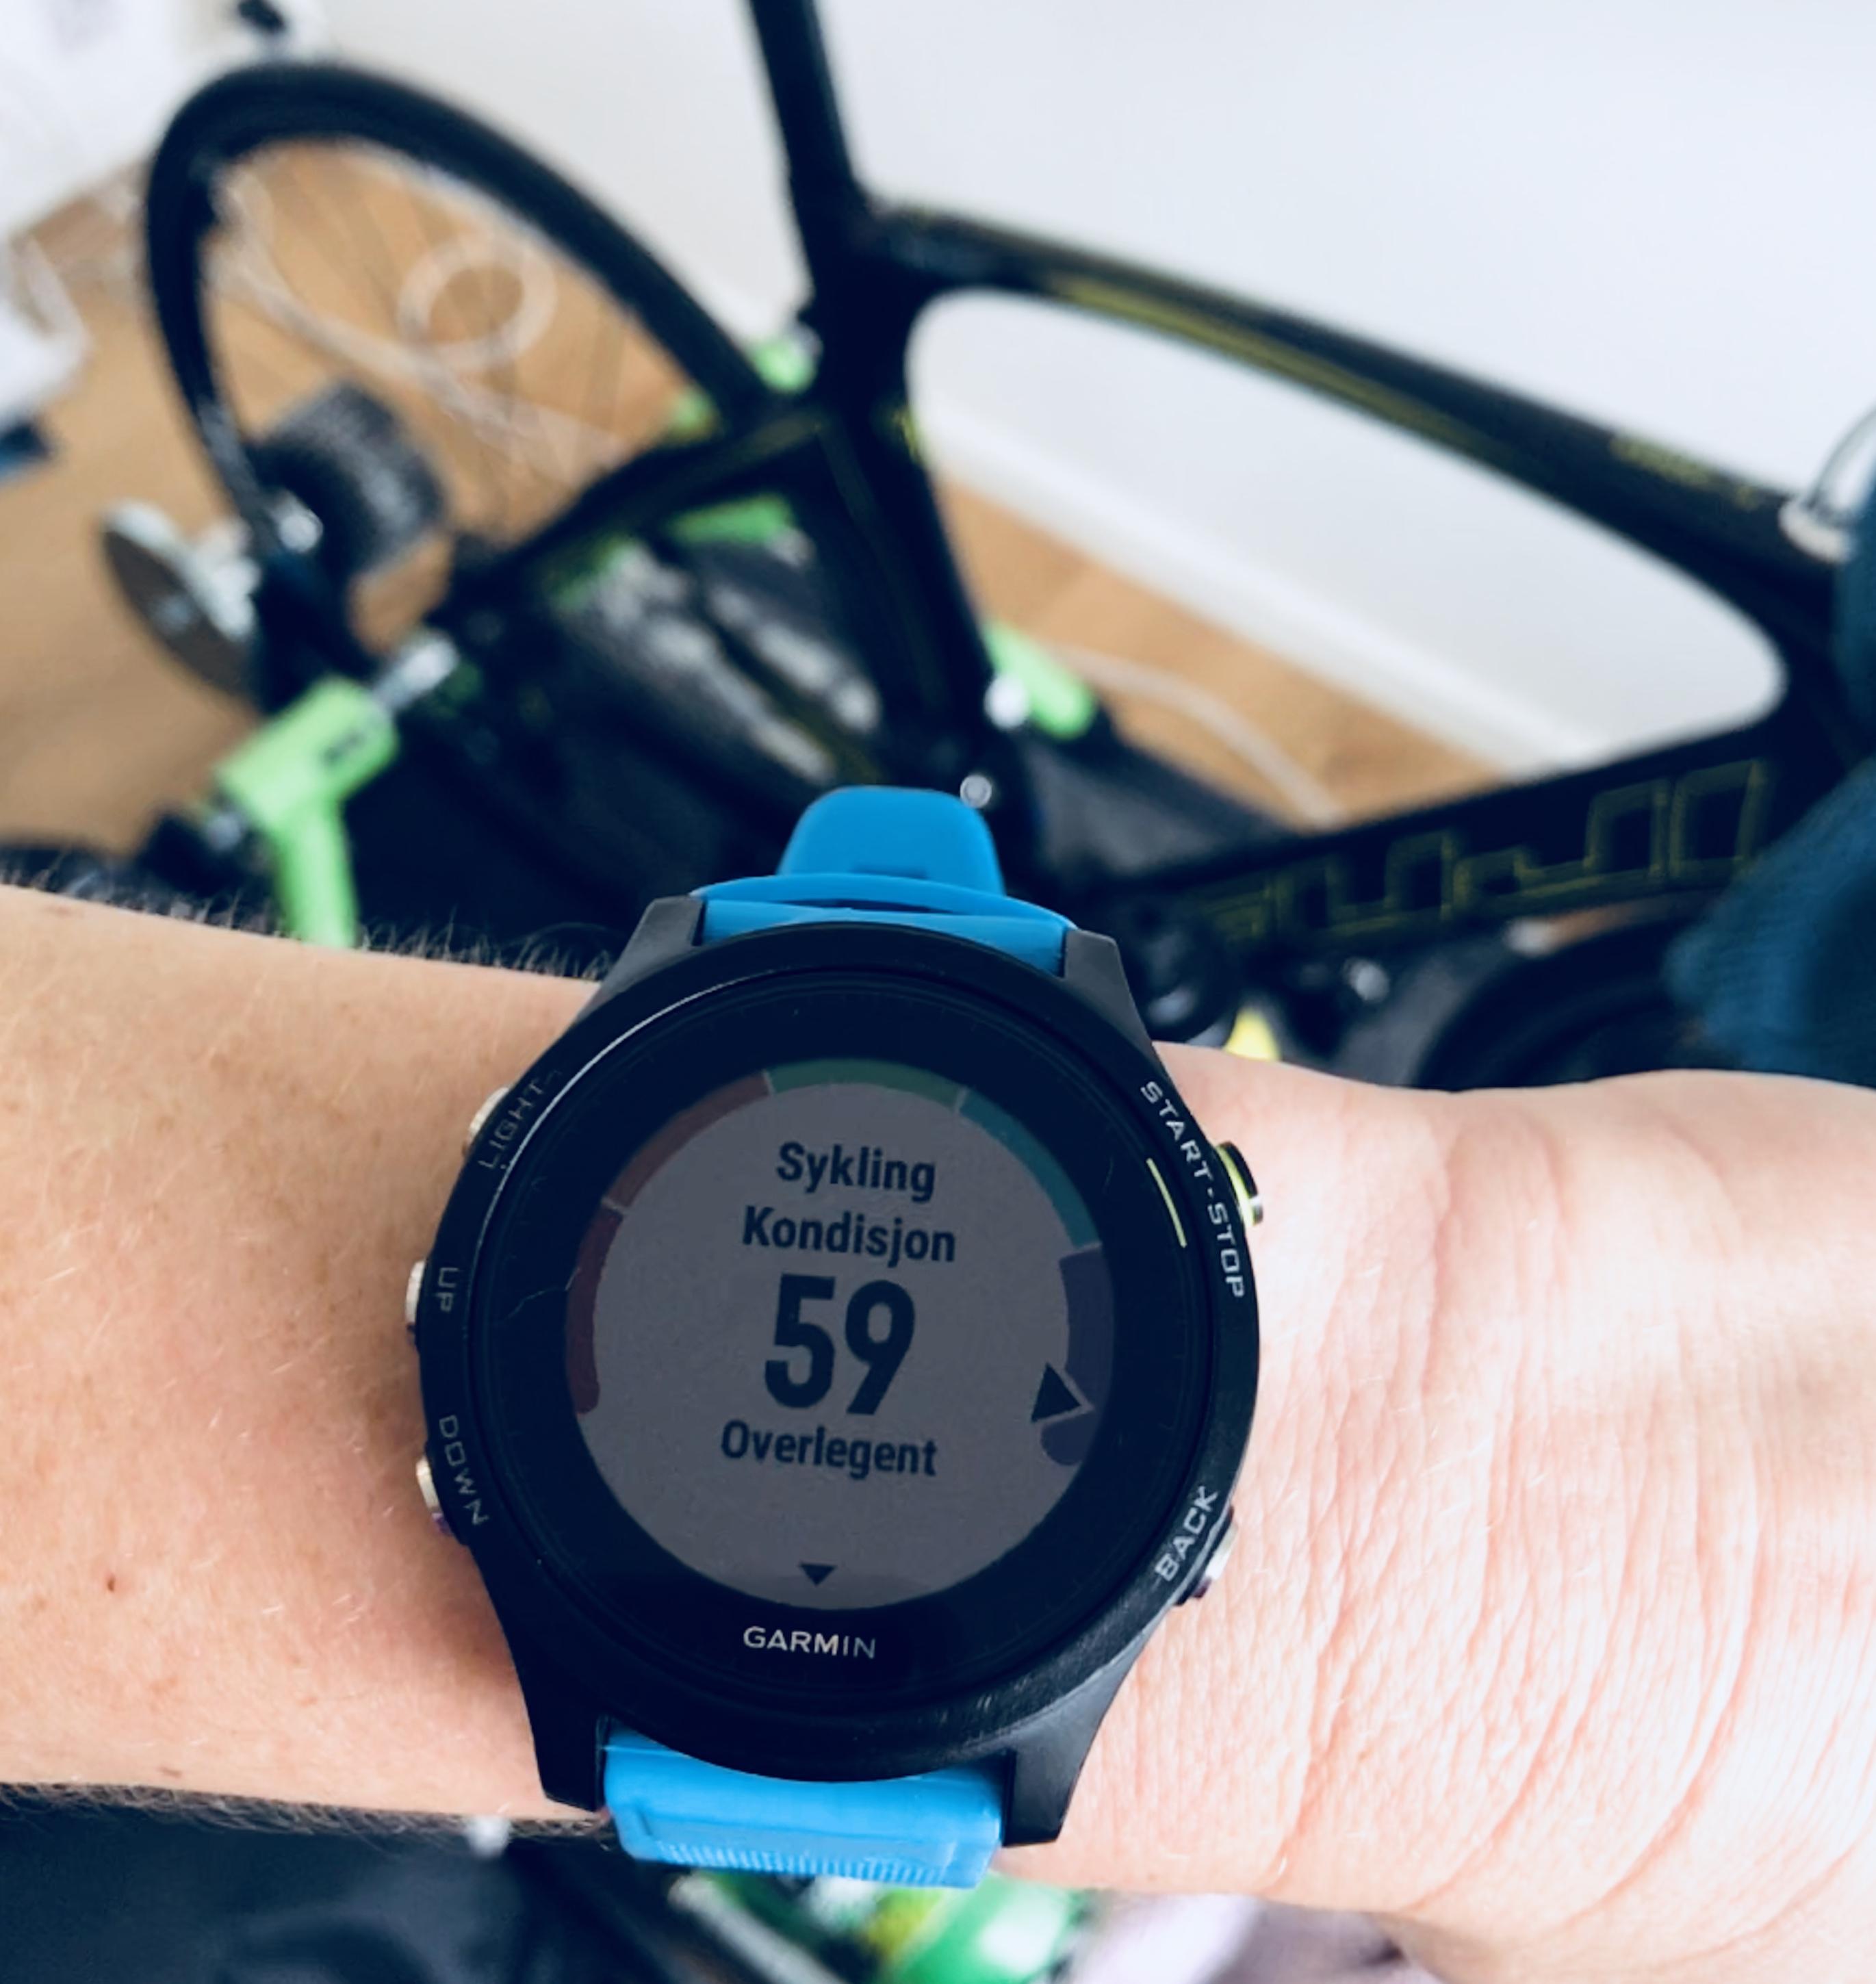 Pulsklokke - Hvilke klokke passer ditt bruk og behov?